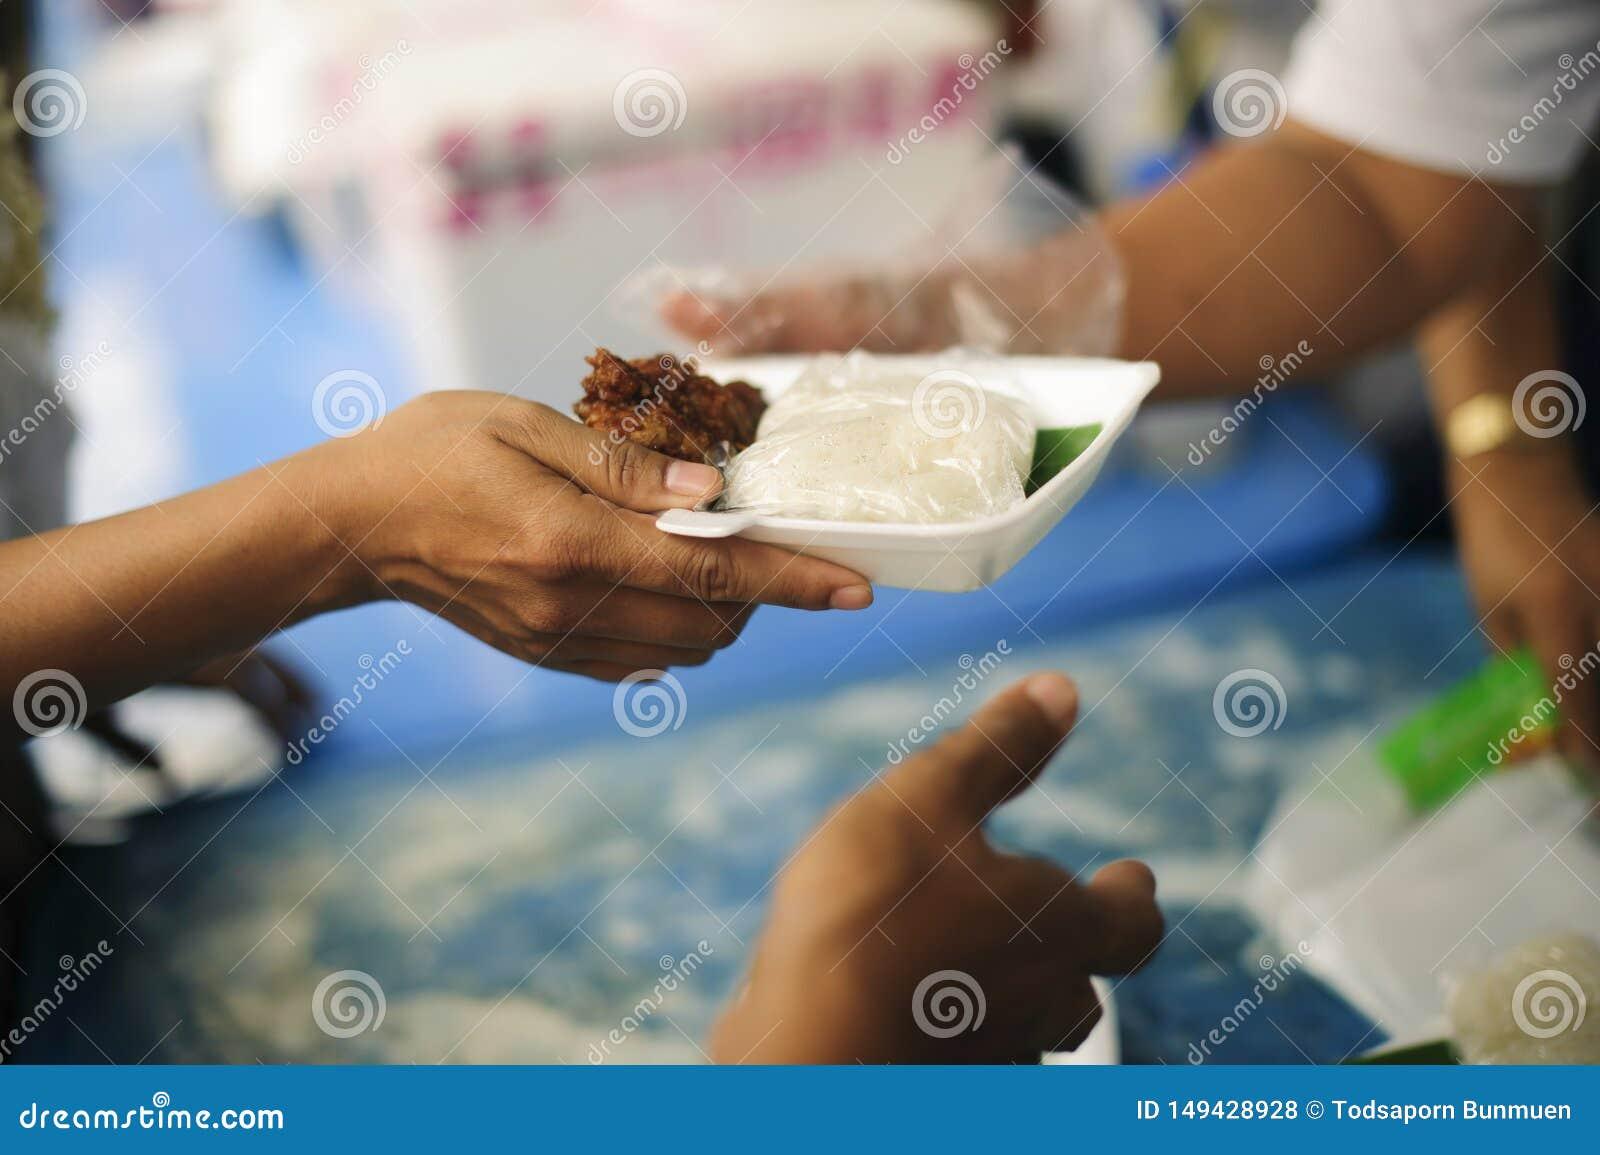 Begrepp av mat som delar f?r att det fattigt ska l?tta hunger: Sociala problem av armod som hj?lps, genom att mata: Donera mat ti